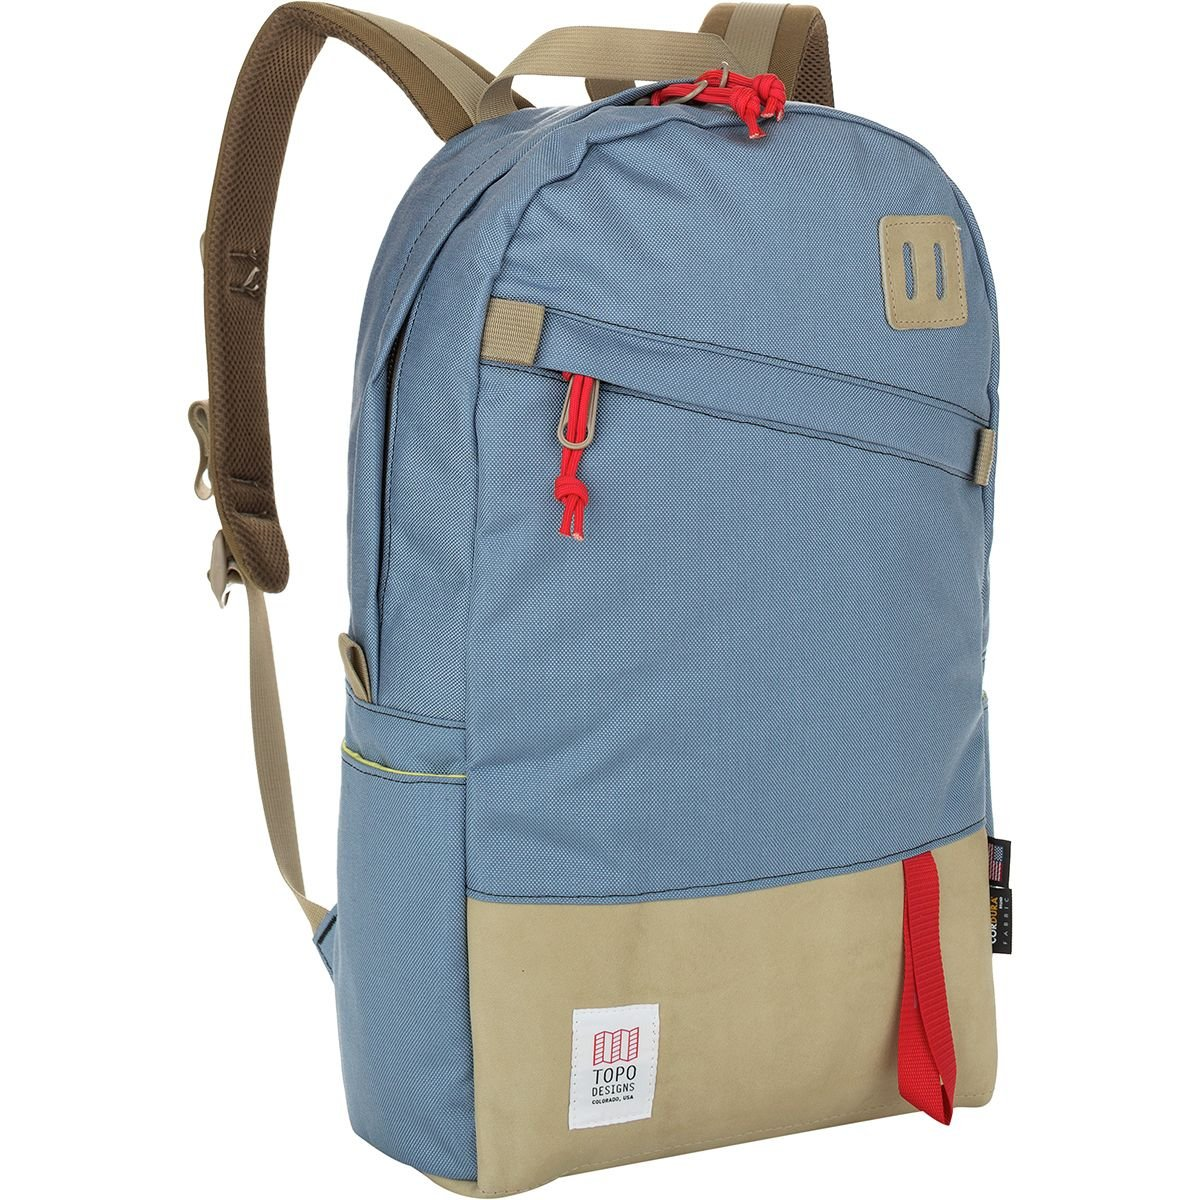 [トポデザイン] メンズ バックパックリュックサック Daypack 22L Backpack [並行輸入品] B07BVZNSWZ  No-Size